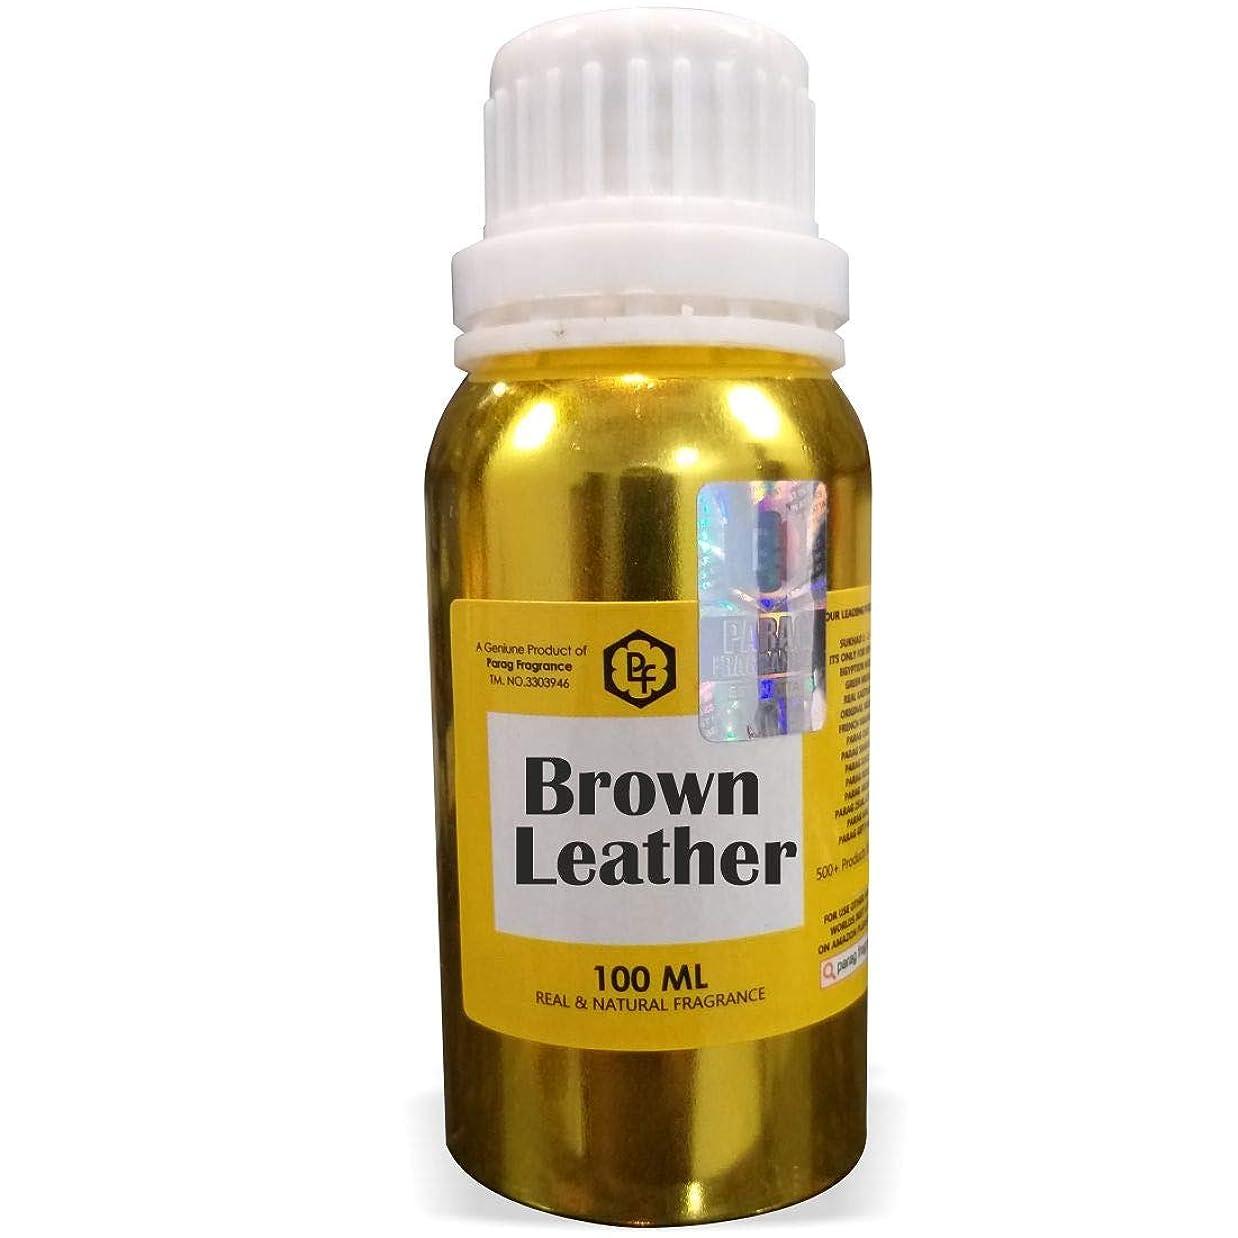 試みフィヨルド転用Paragフレグランスブラウンレザーアター100ミリリットル(男性用アルコールフリーアター)香油  香り  ITRA